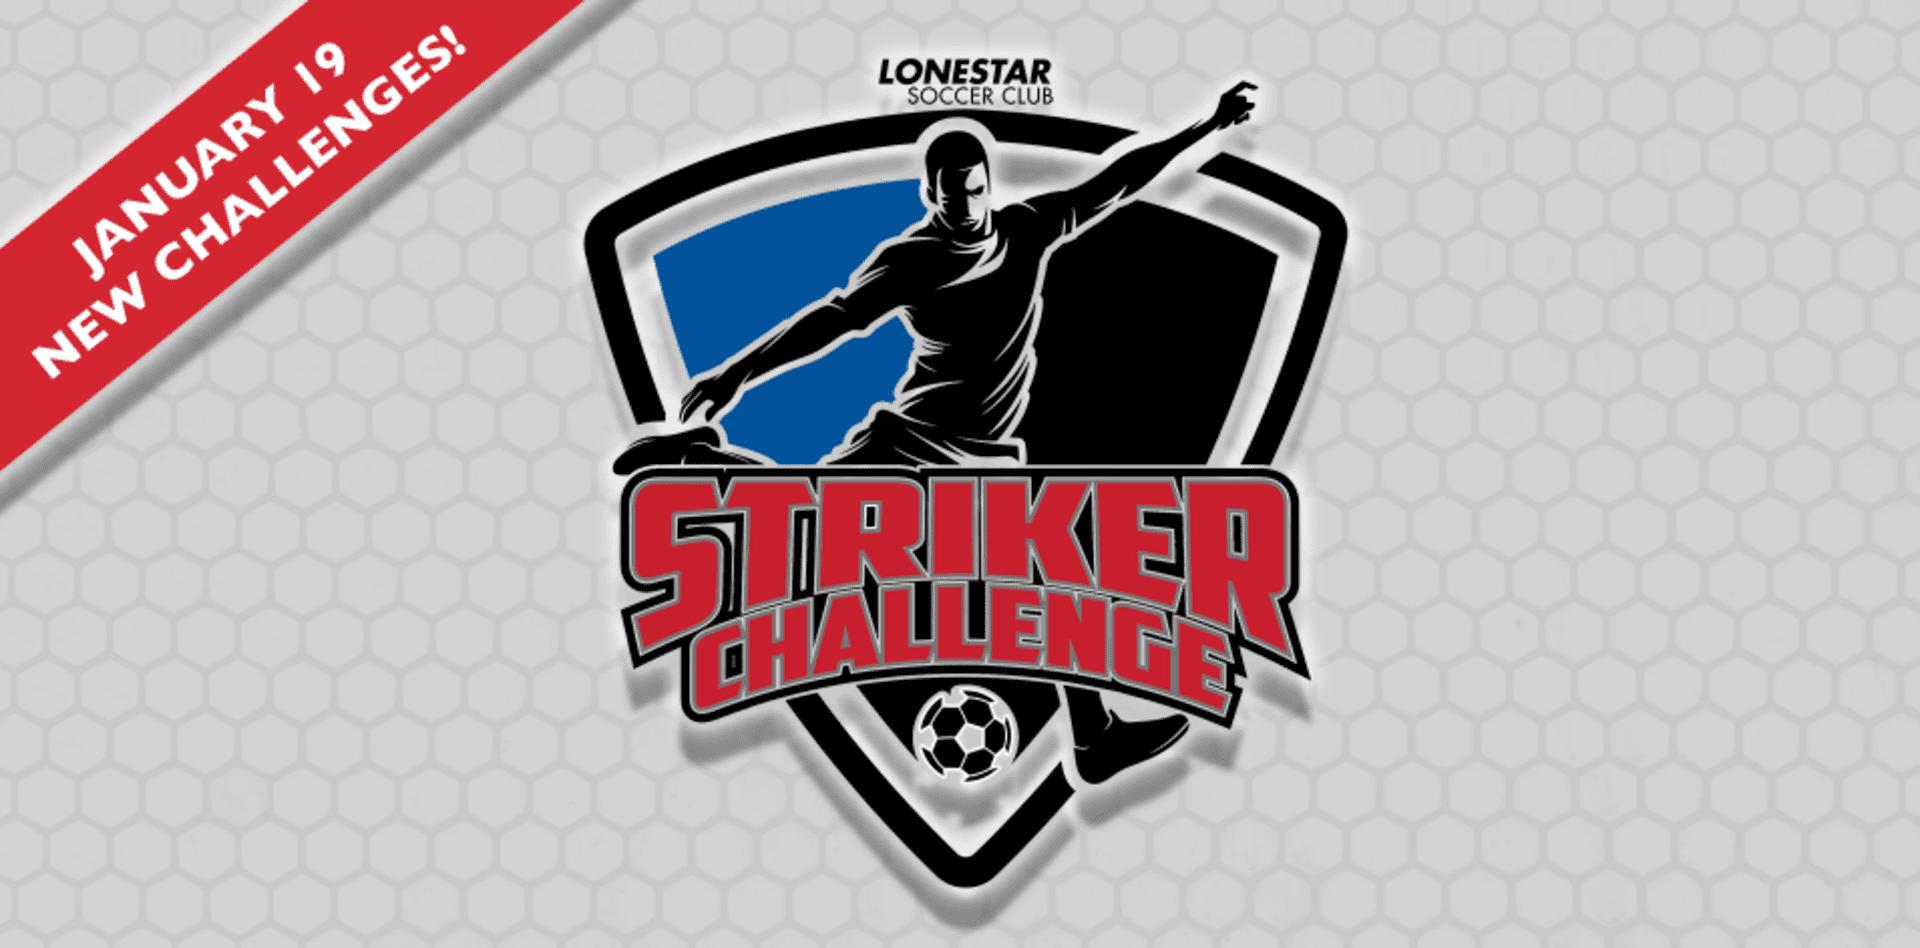 Striker Challenge